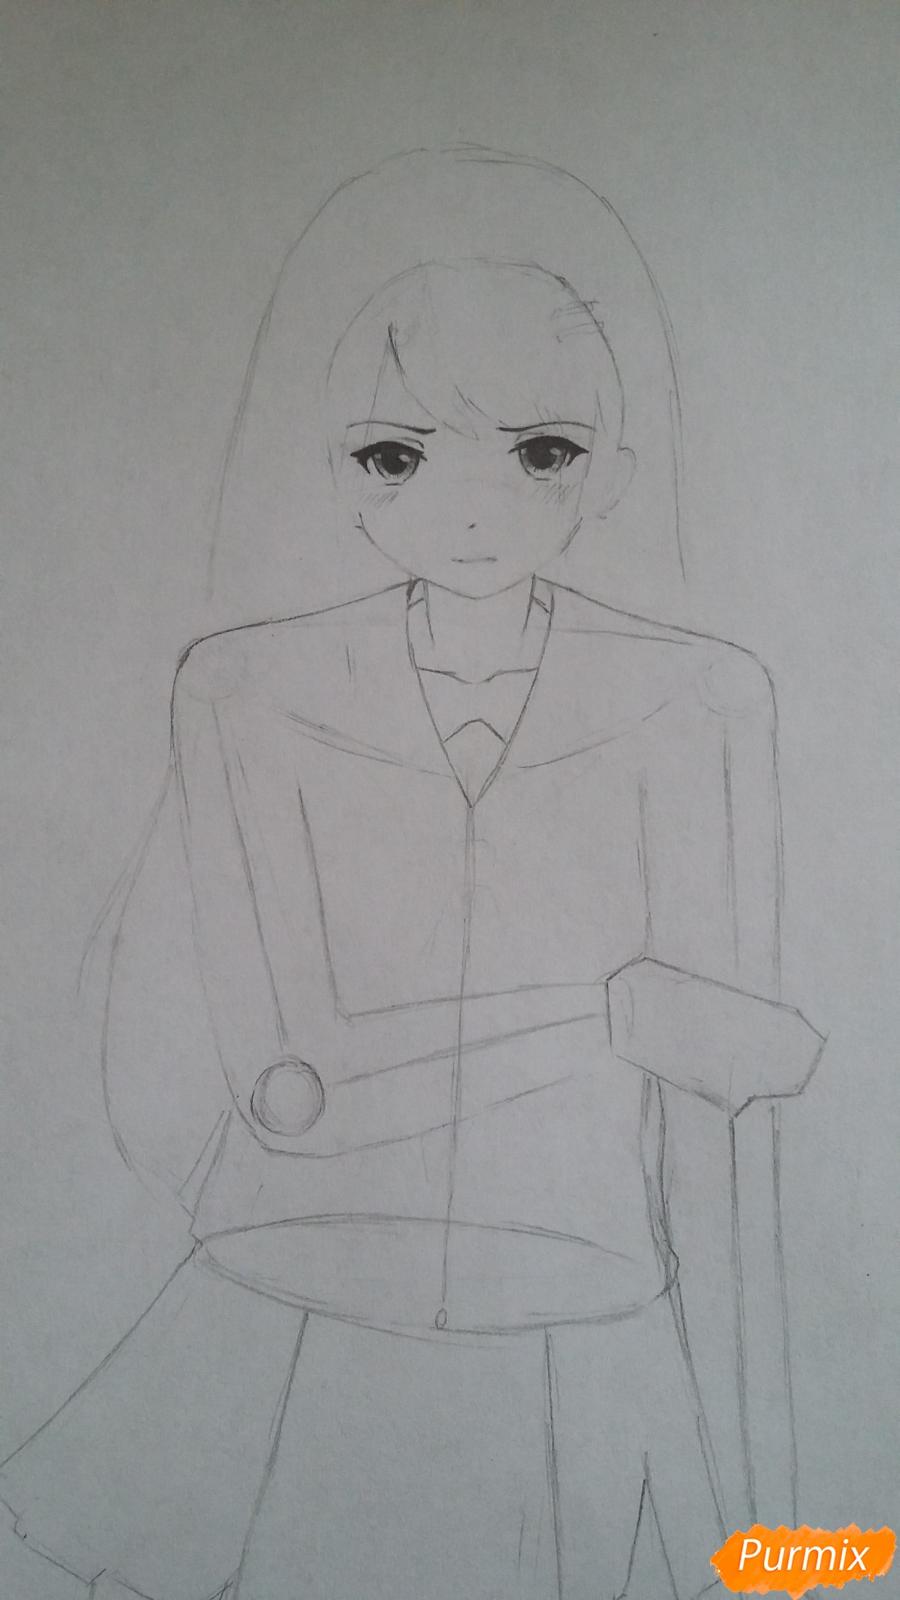 Рисуем девушку с катаной в аниме стиле - шаг 4